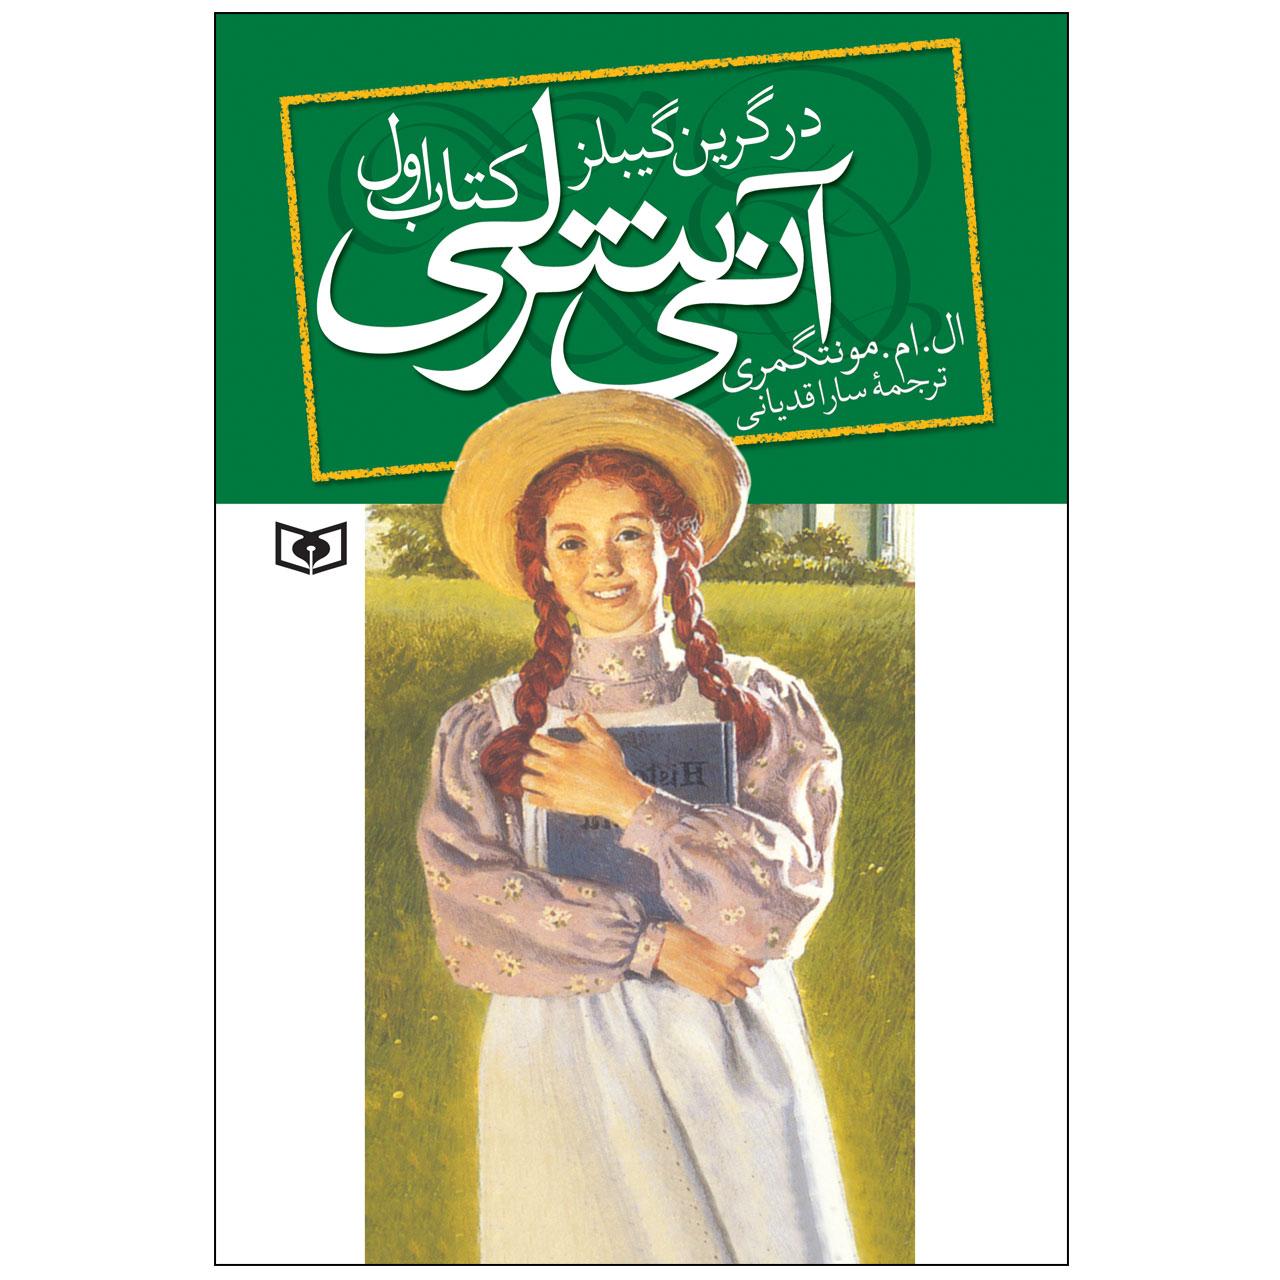 خرید                      کتاب آنی شرلی در گرین گیبلز اثر ال. ام. مونتگمری انتشارات قدیانی